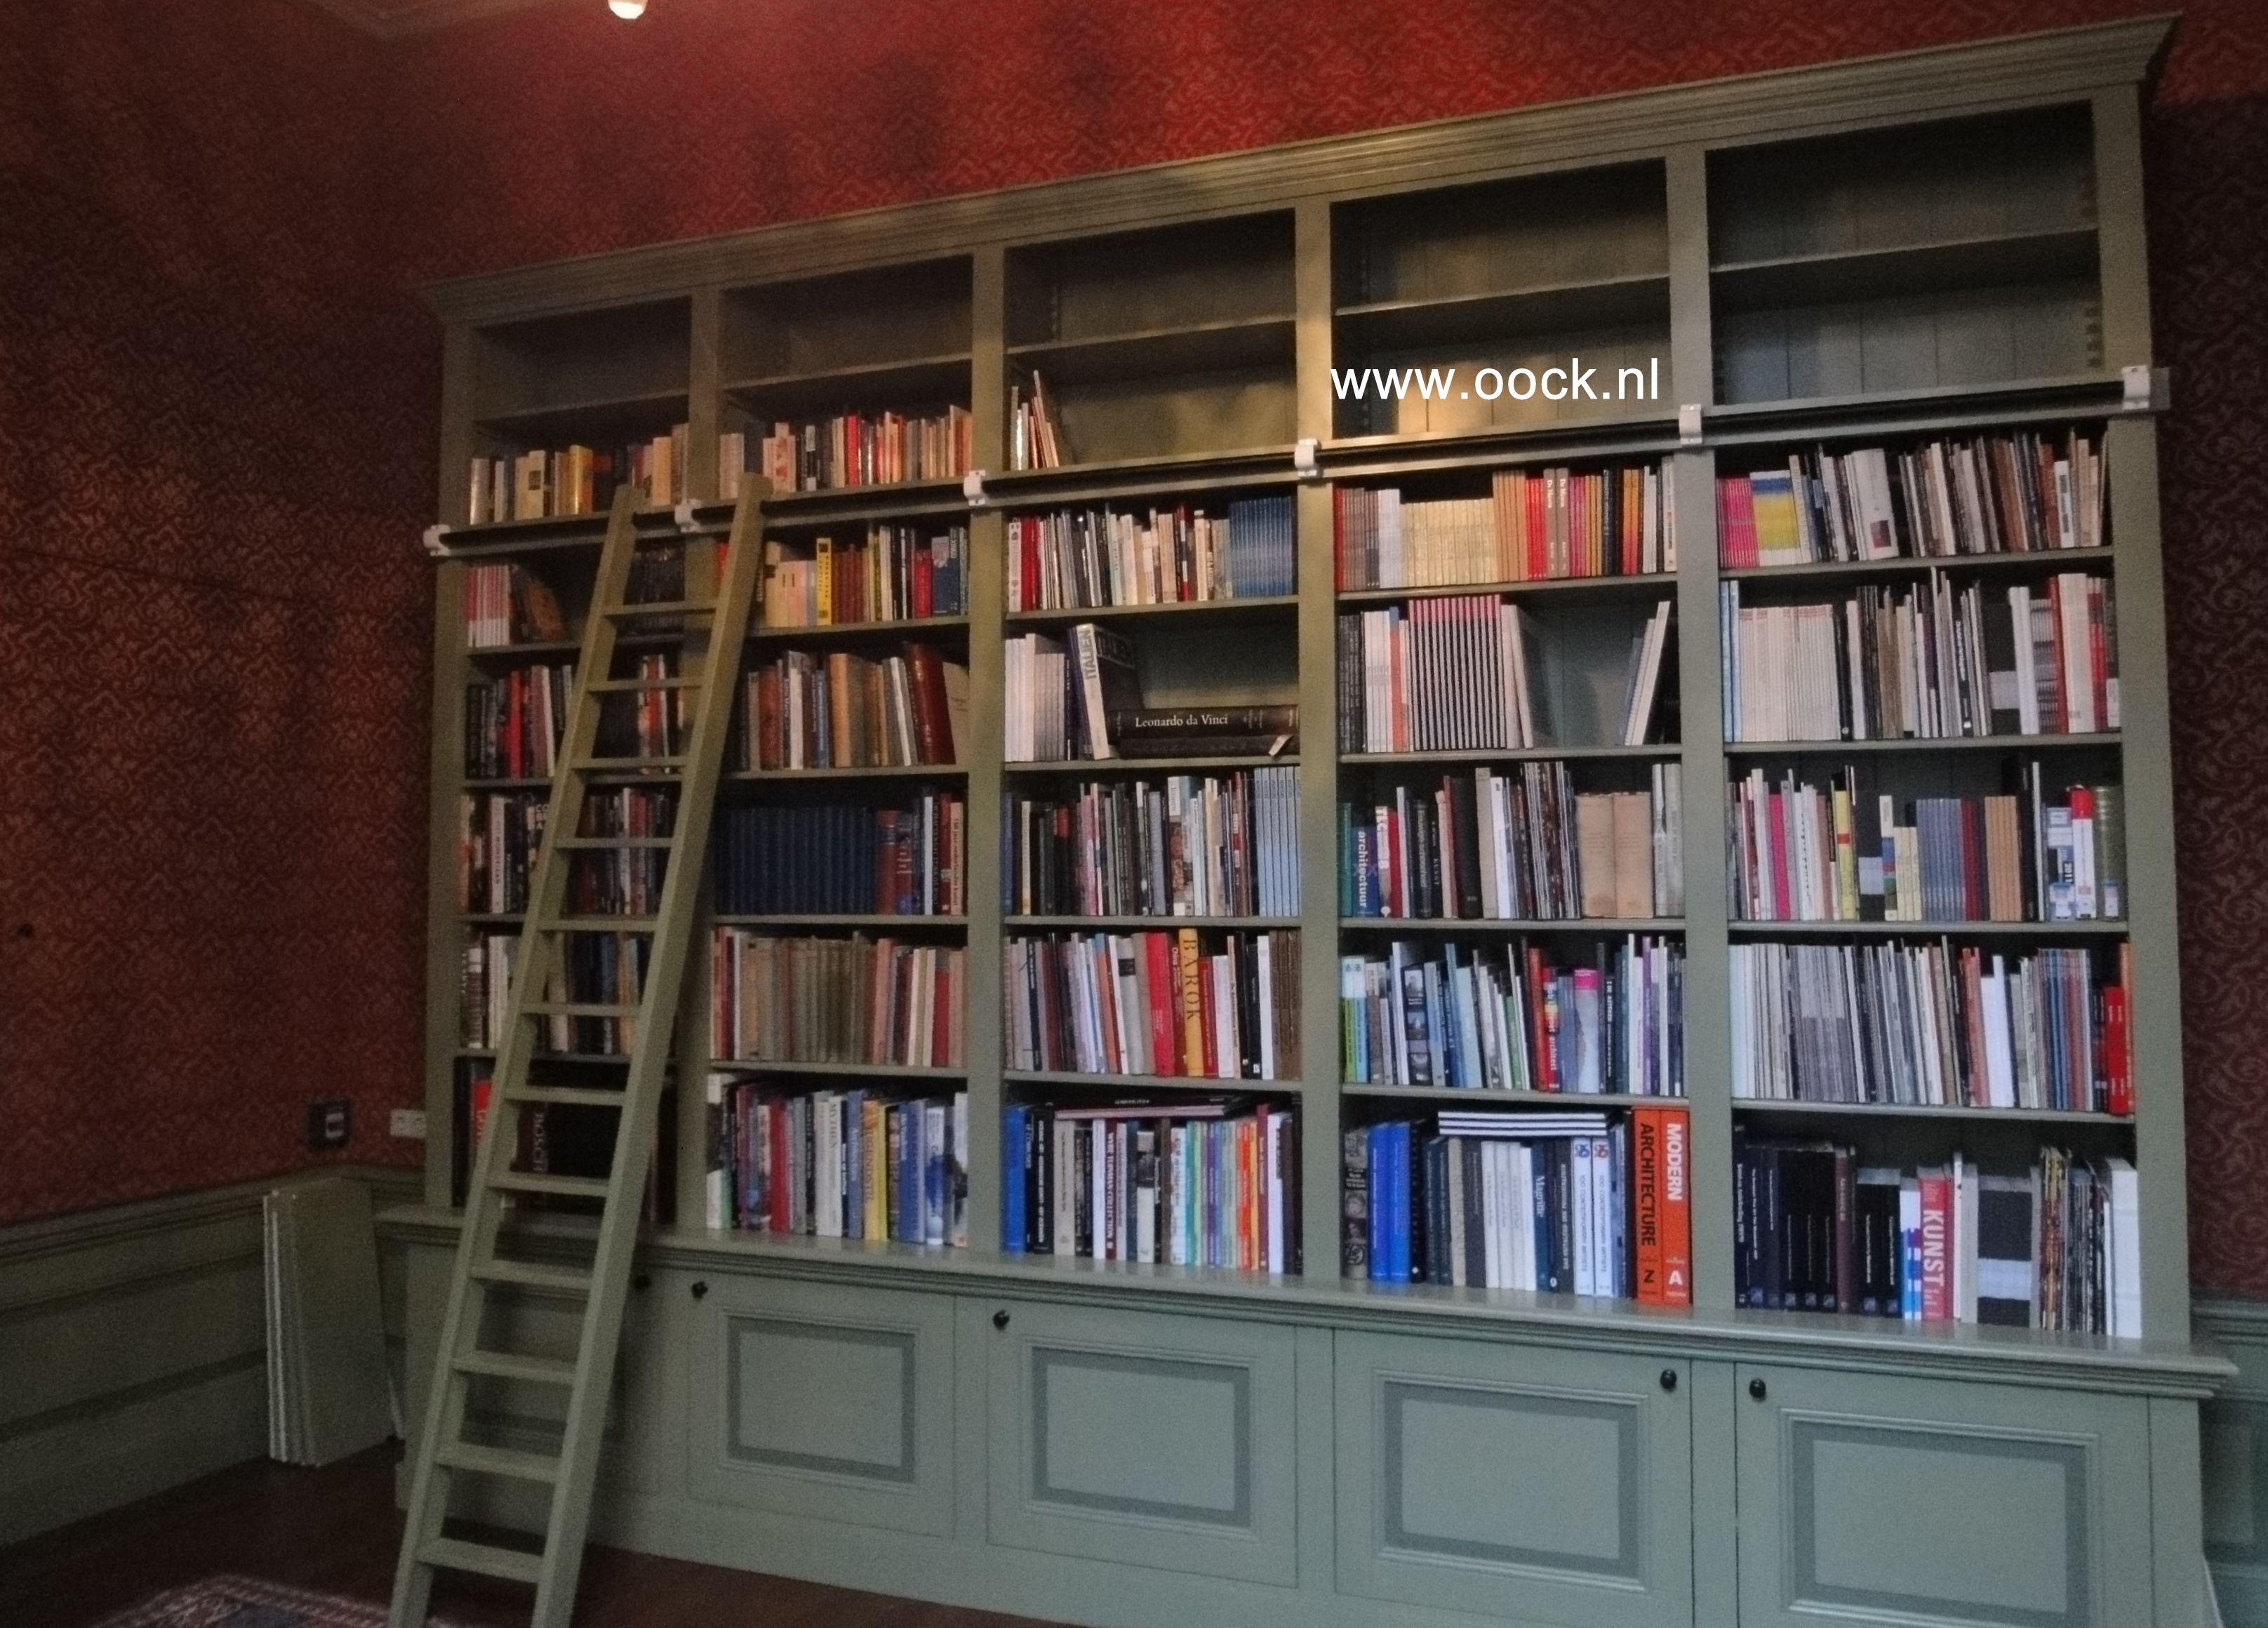 Klassieke boekenkast. kenmerken zijn de onderkasten die gekopieerd